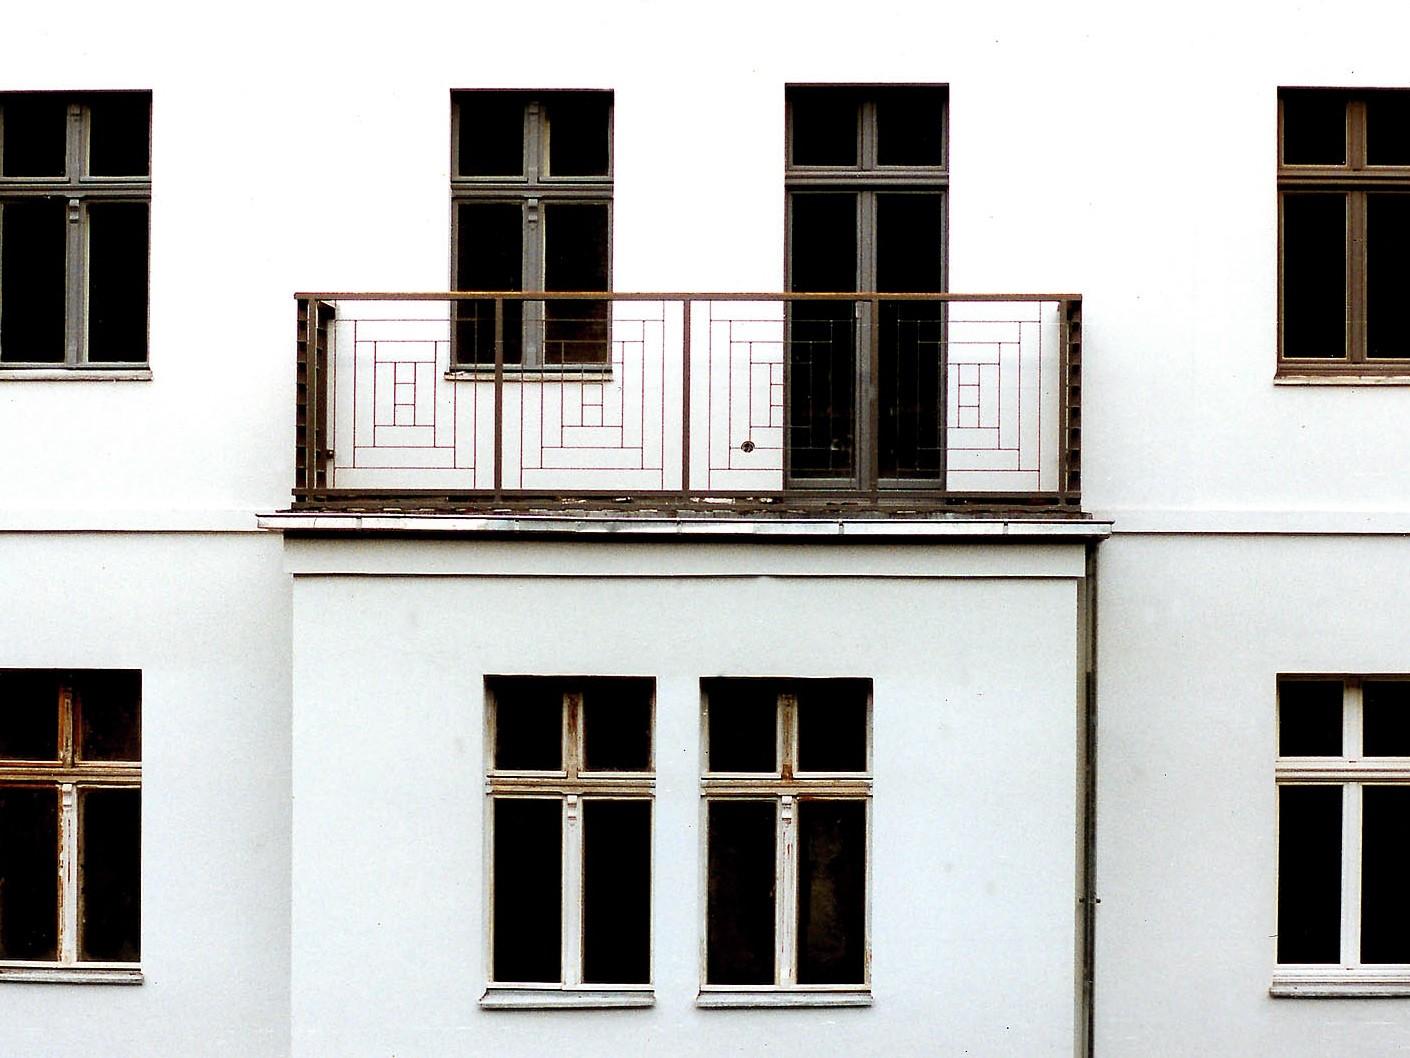 Wohn- und Geschäftshaus Groninger Straße 24, Berlin-Wedding